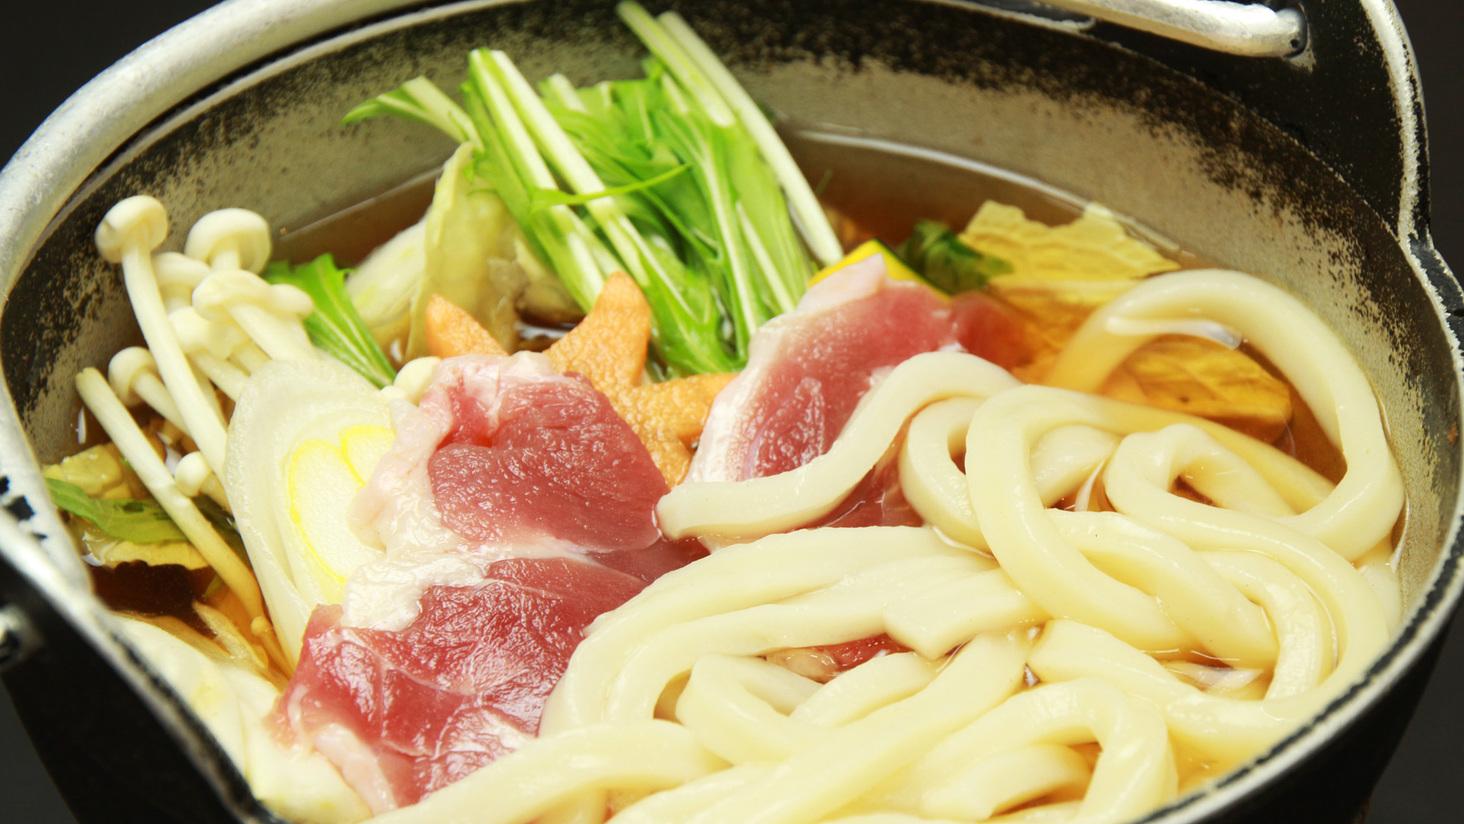 地元で有名な手作り豆腐が入った豆腐鍋